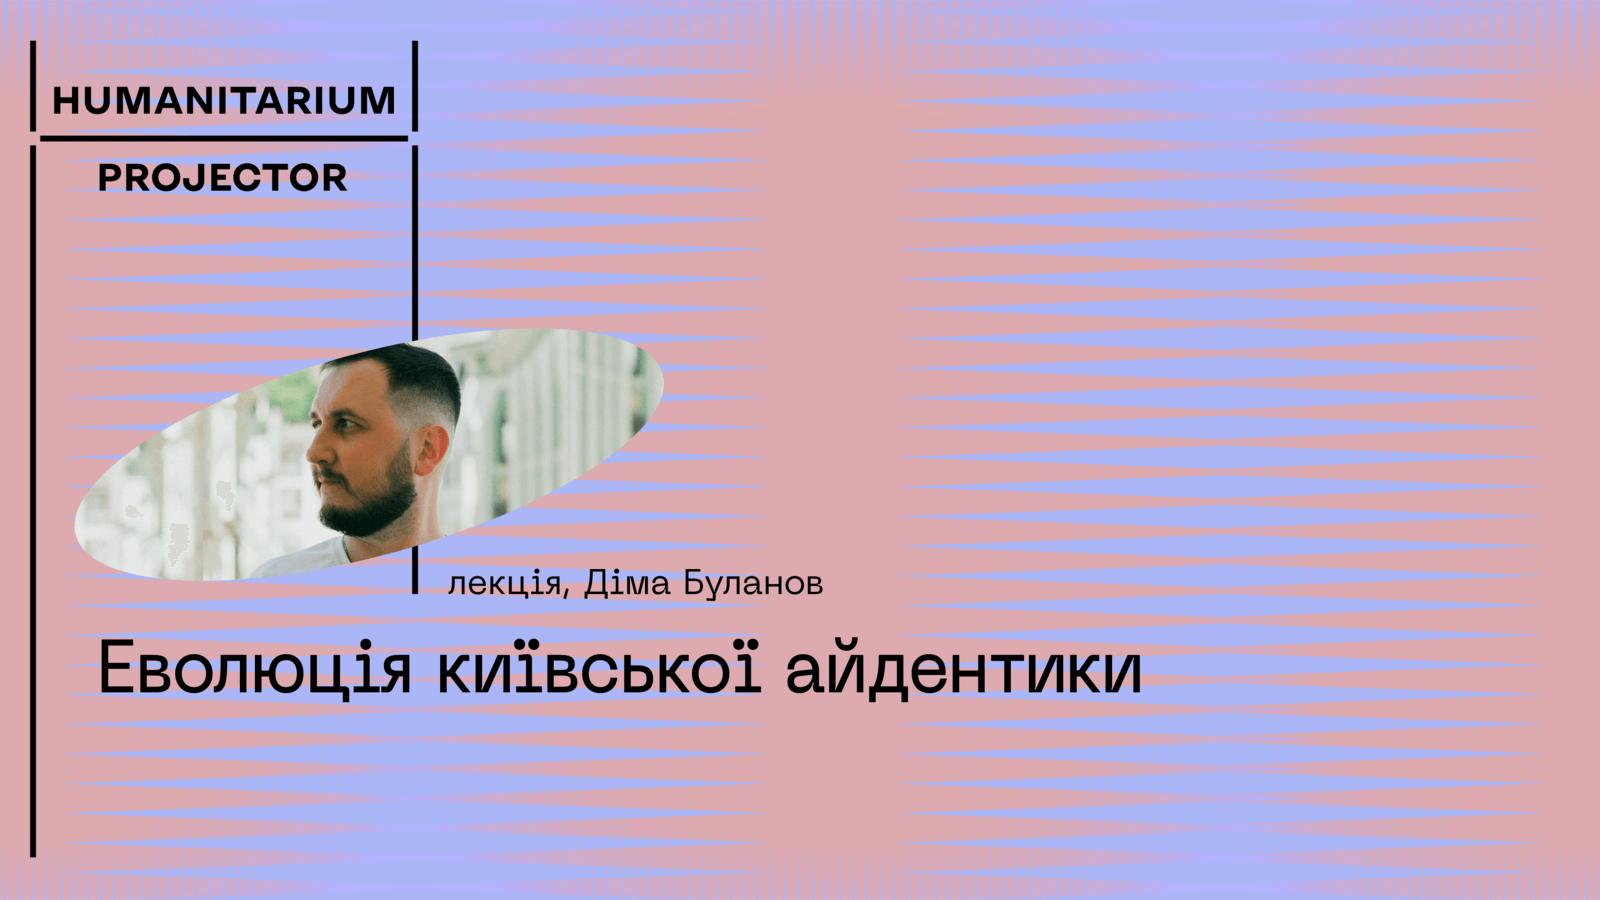 Еволюція київської айдентики